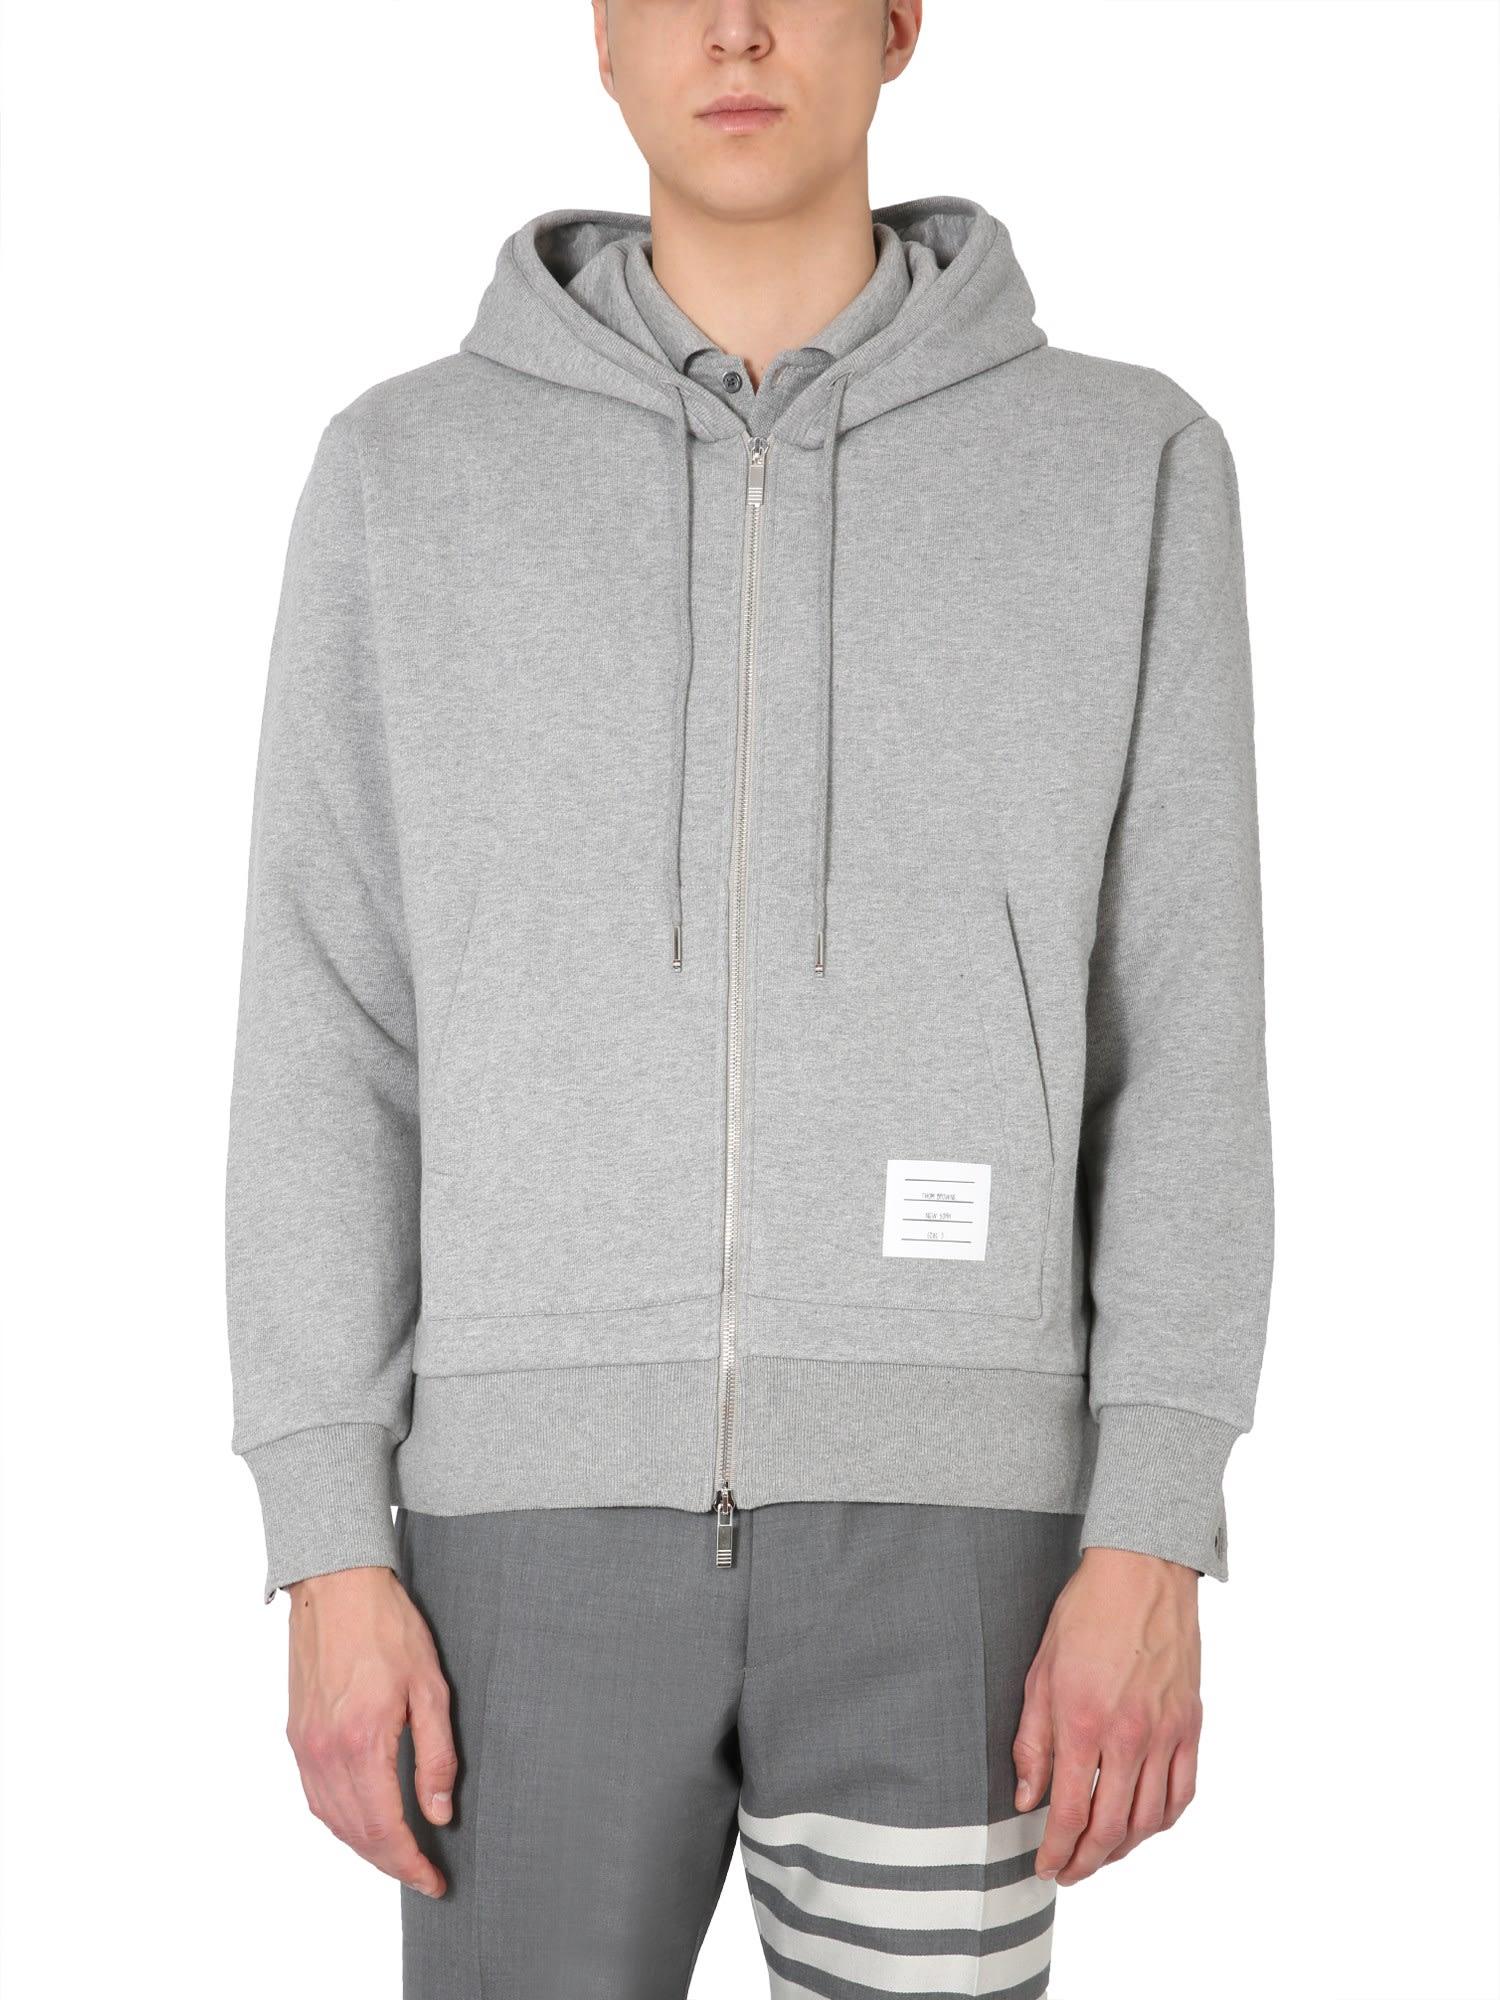 Thom Browne Clothing HOODIE